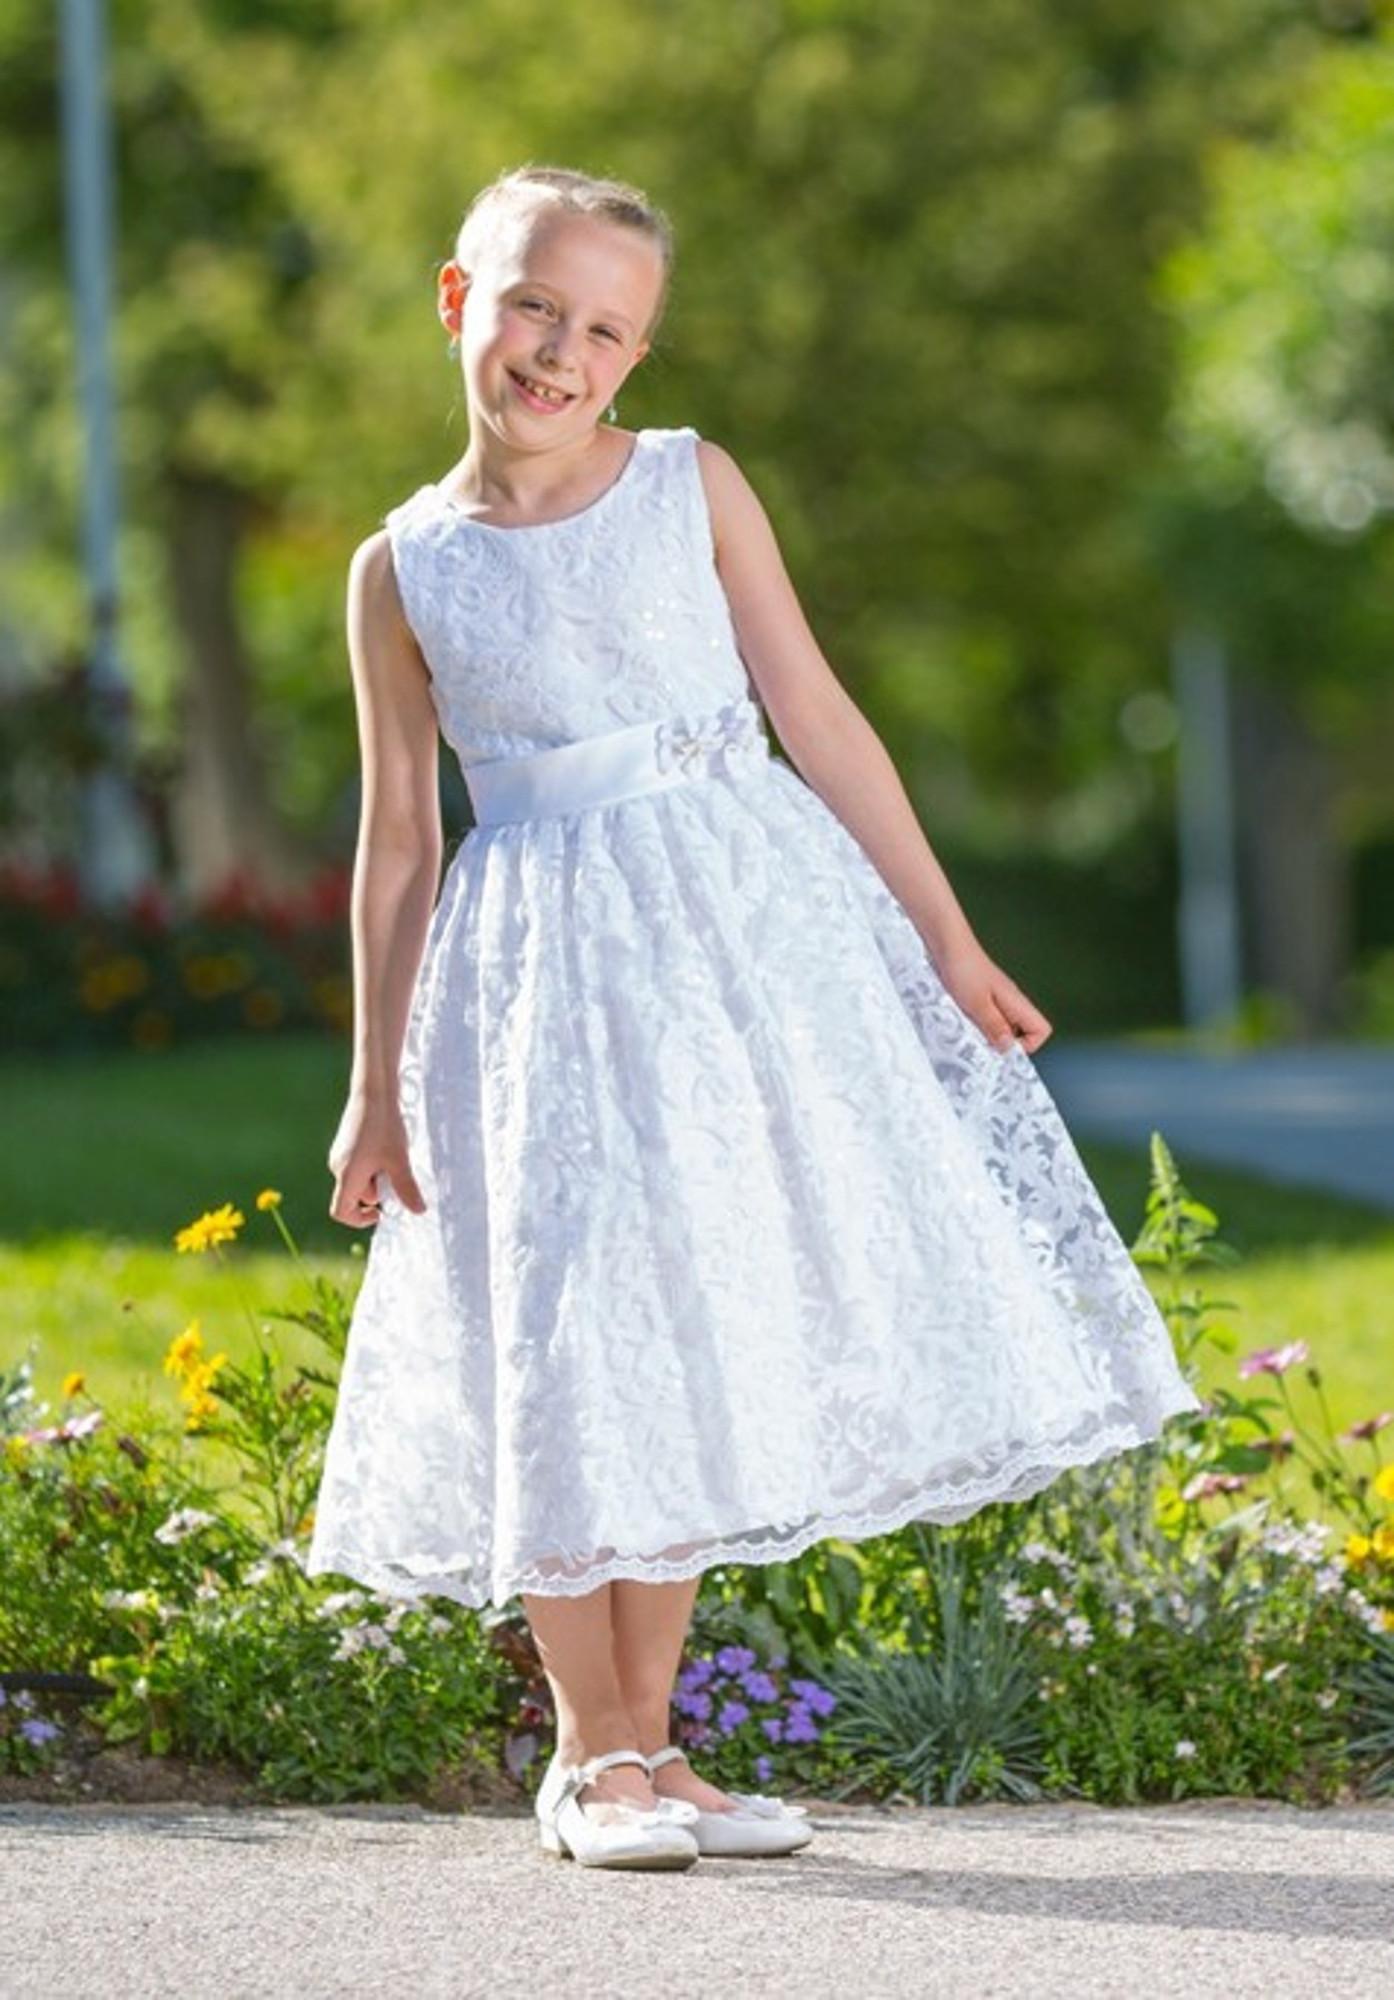 BIMARO Kleid Lavinia weiß festlich Spitzenkleid Festkleid knielang Spitze Pailletten Hochzeit  Kommunion Blumenkind